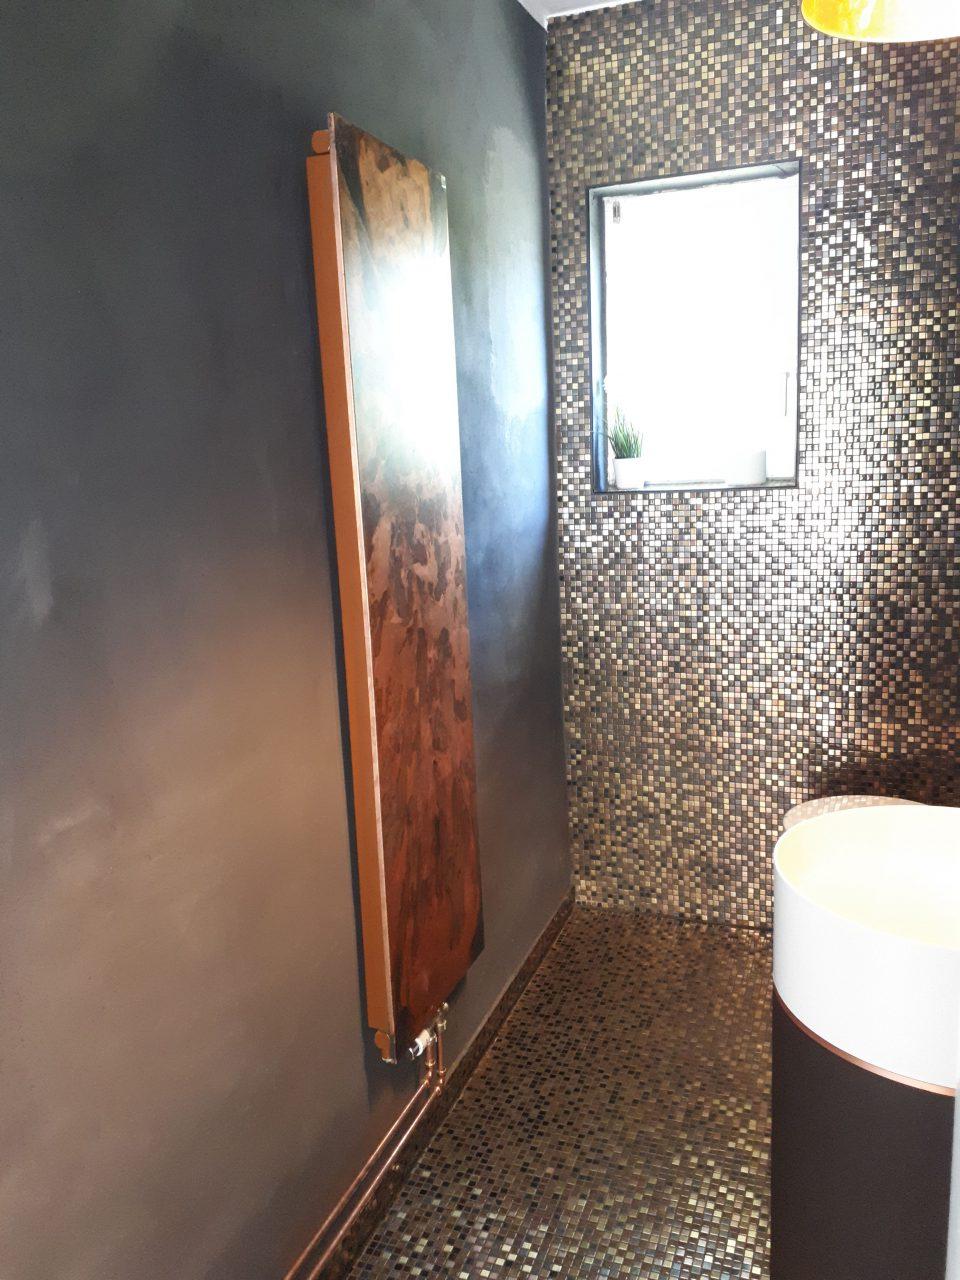 Das Gäste-WC in schwarz-gold mit Kupfer-Heizkörper nach der Sanierung